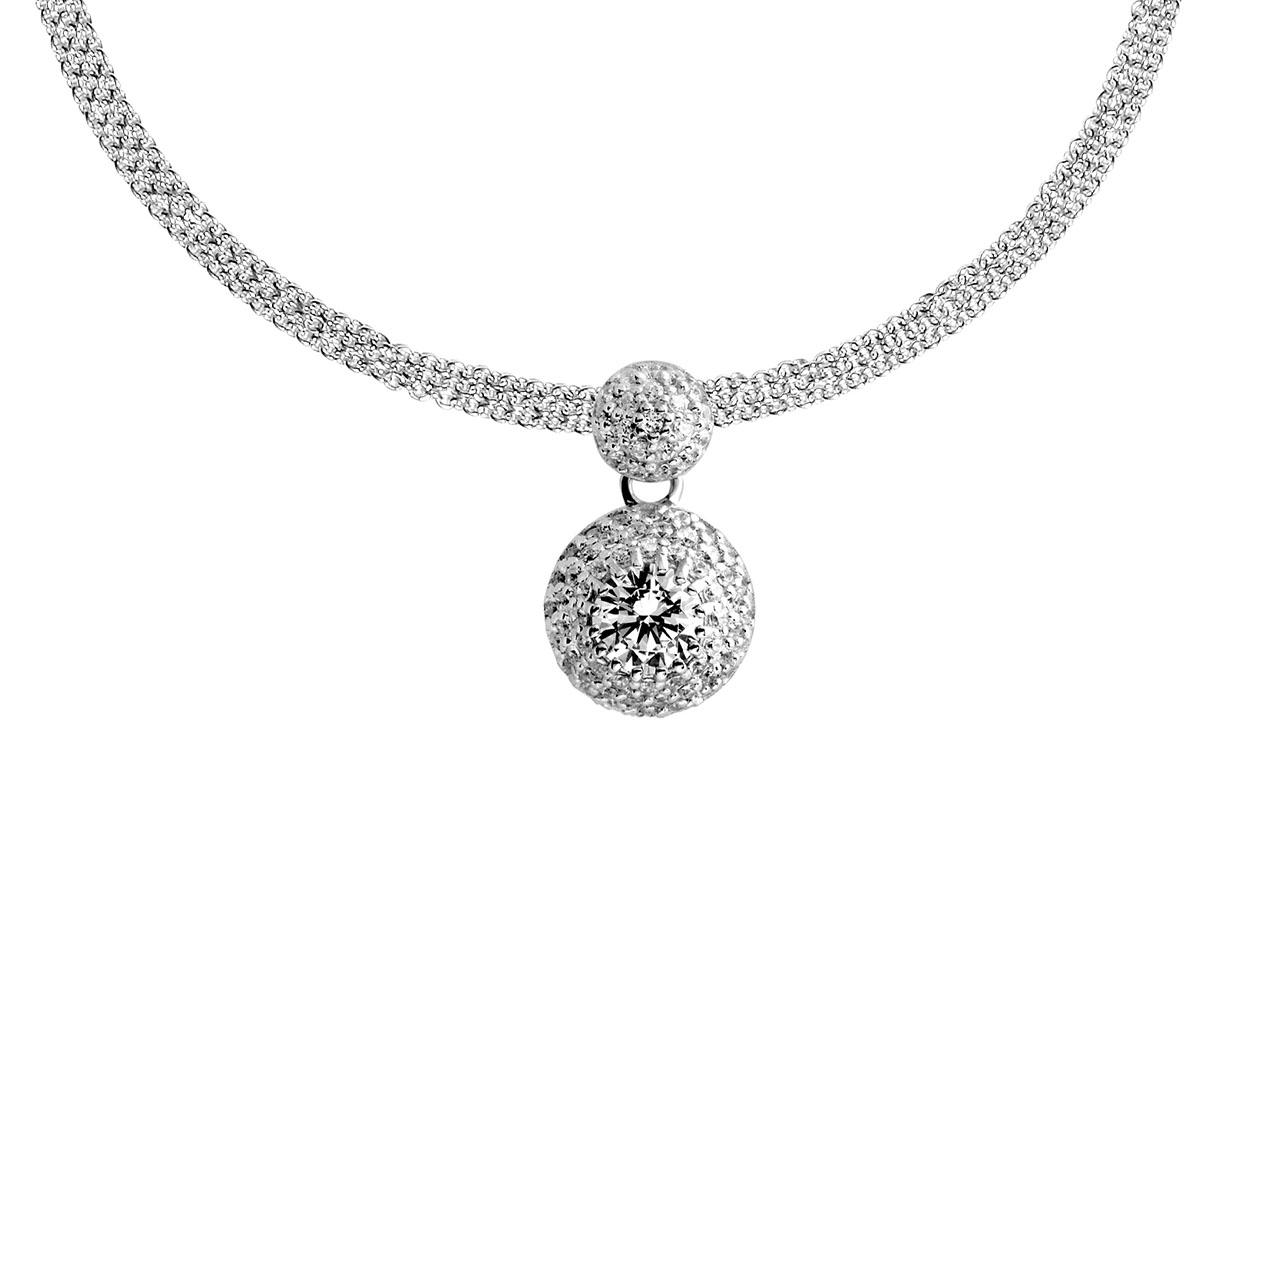 Zilveren Collier 45 cm met Ronde hanger Pavgezet zirkonia 803.0222.45